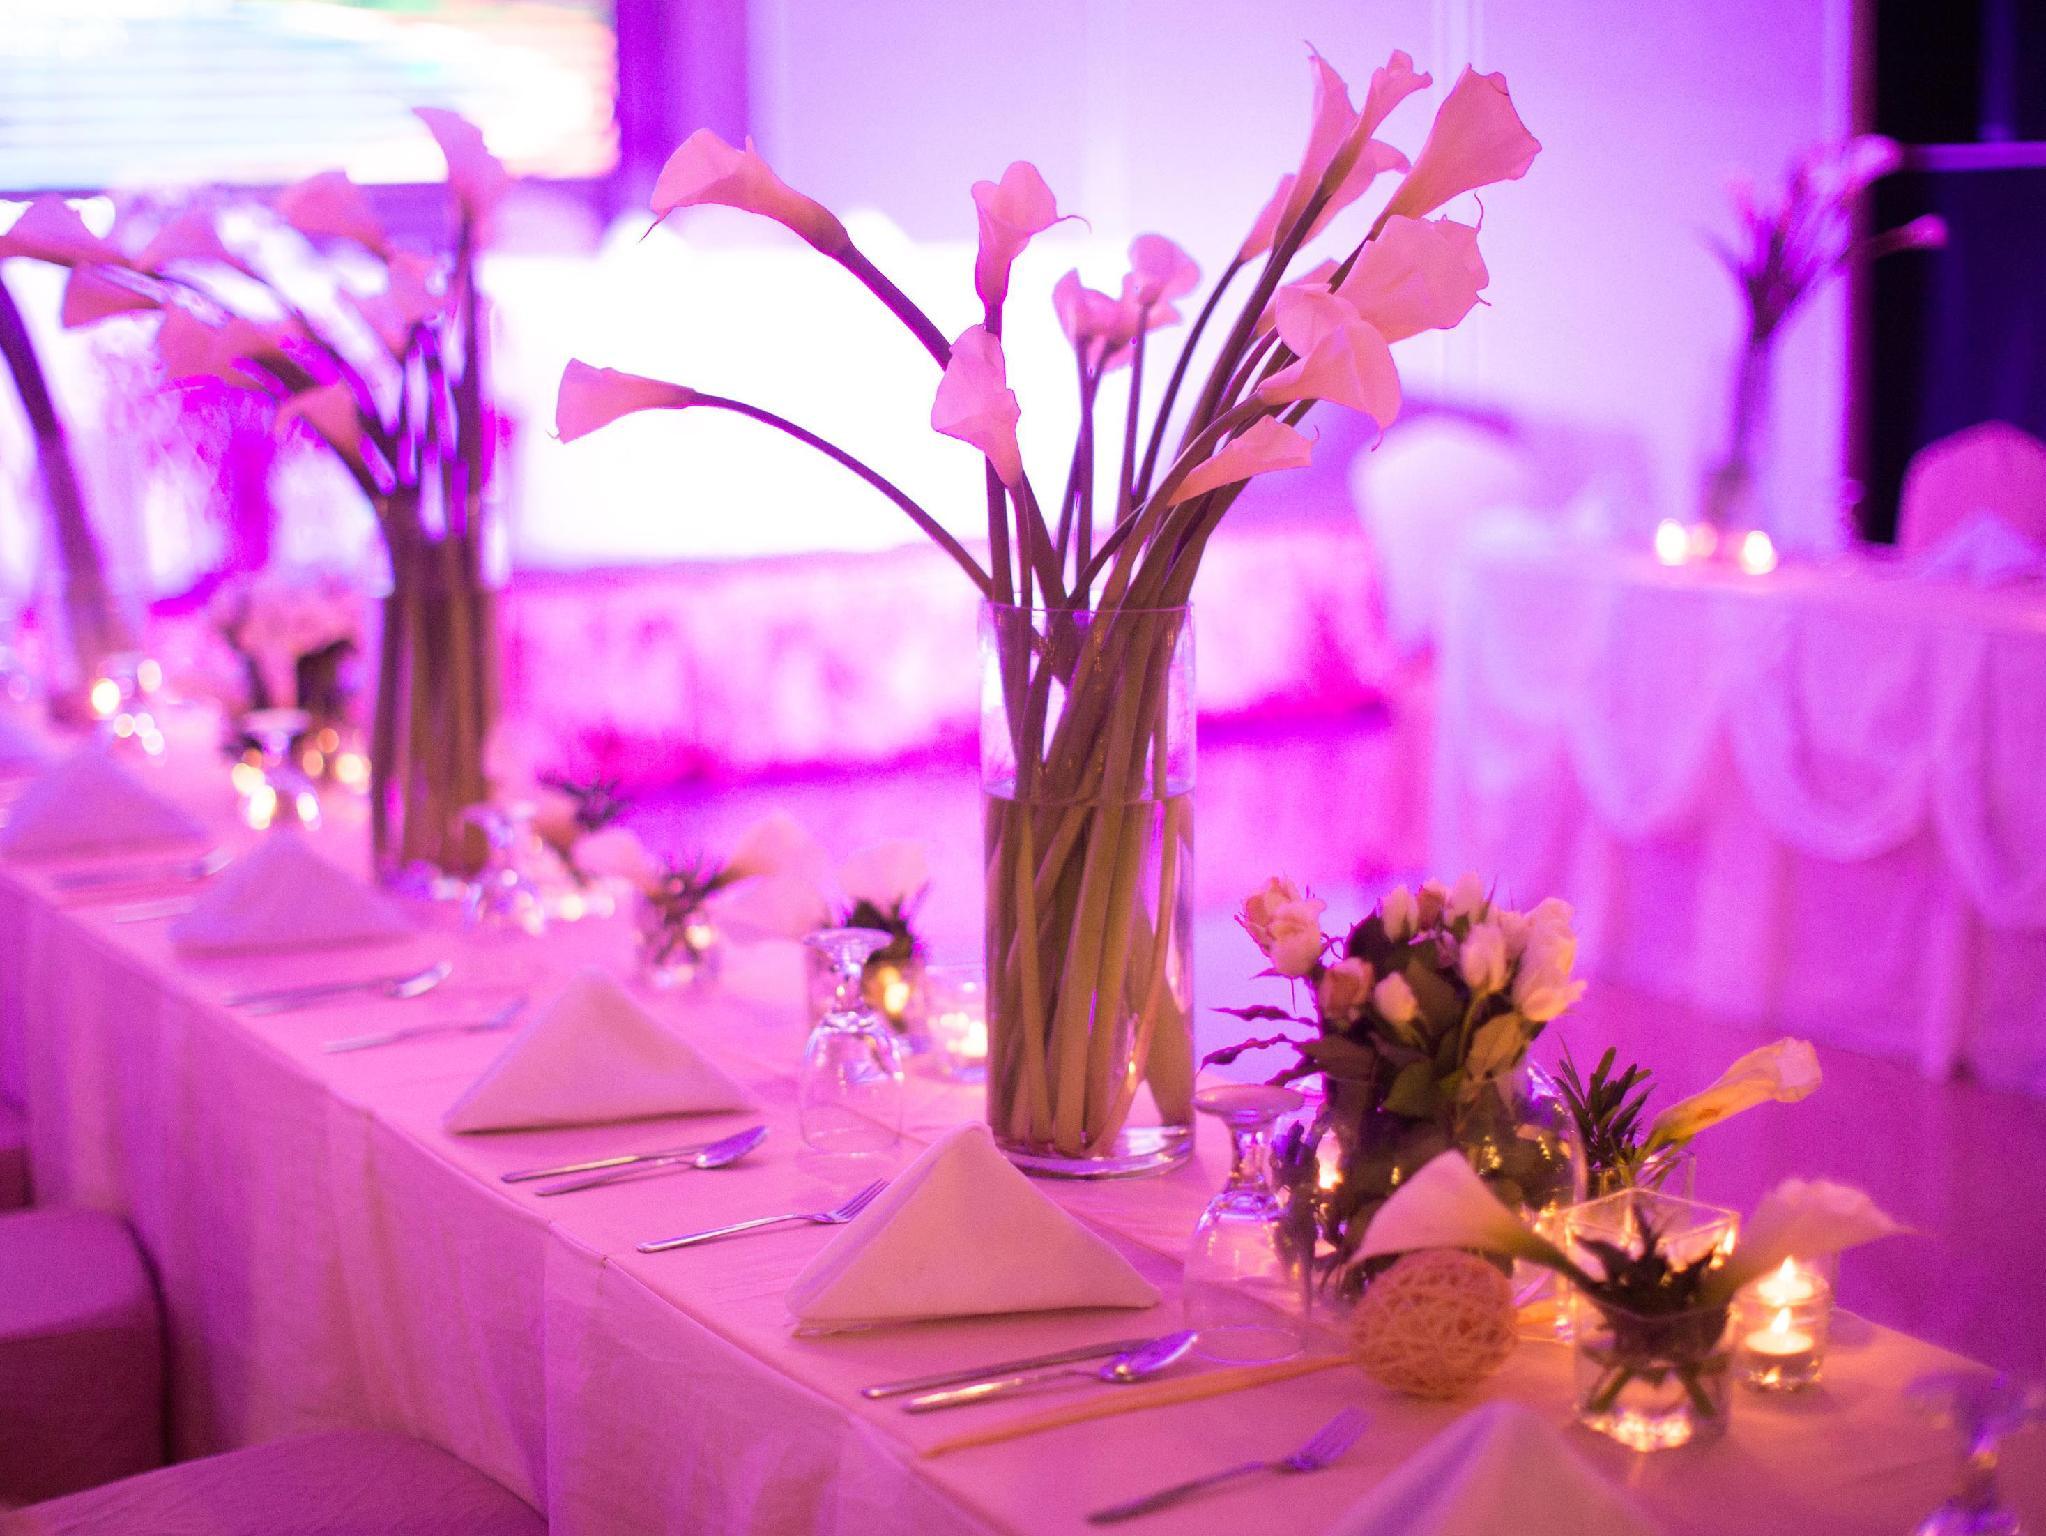 Aziza Paradise Hotel - Ballroom - photo added 1 year ago